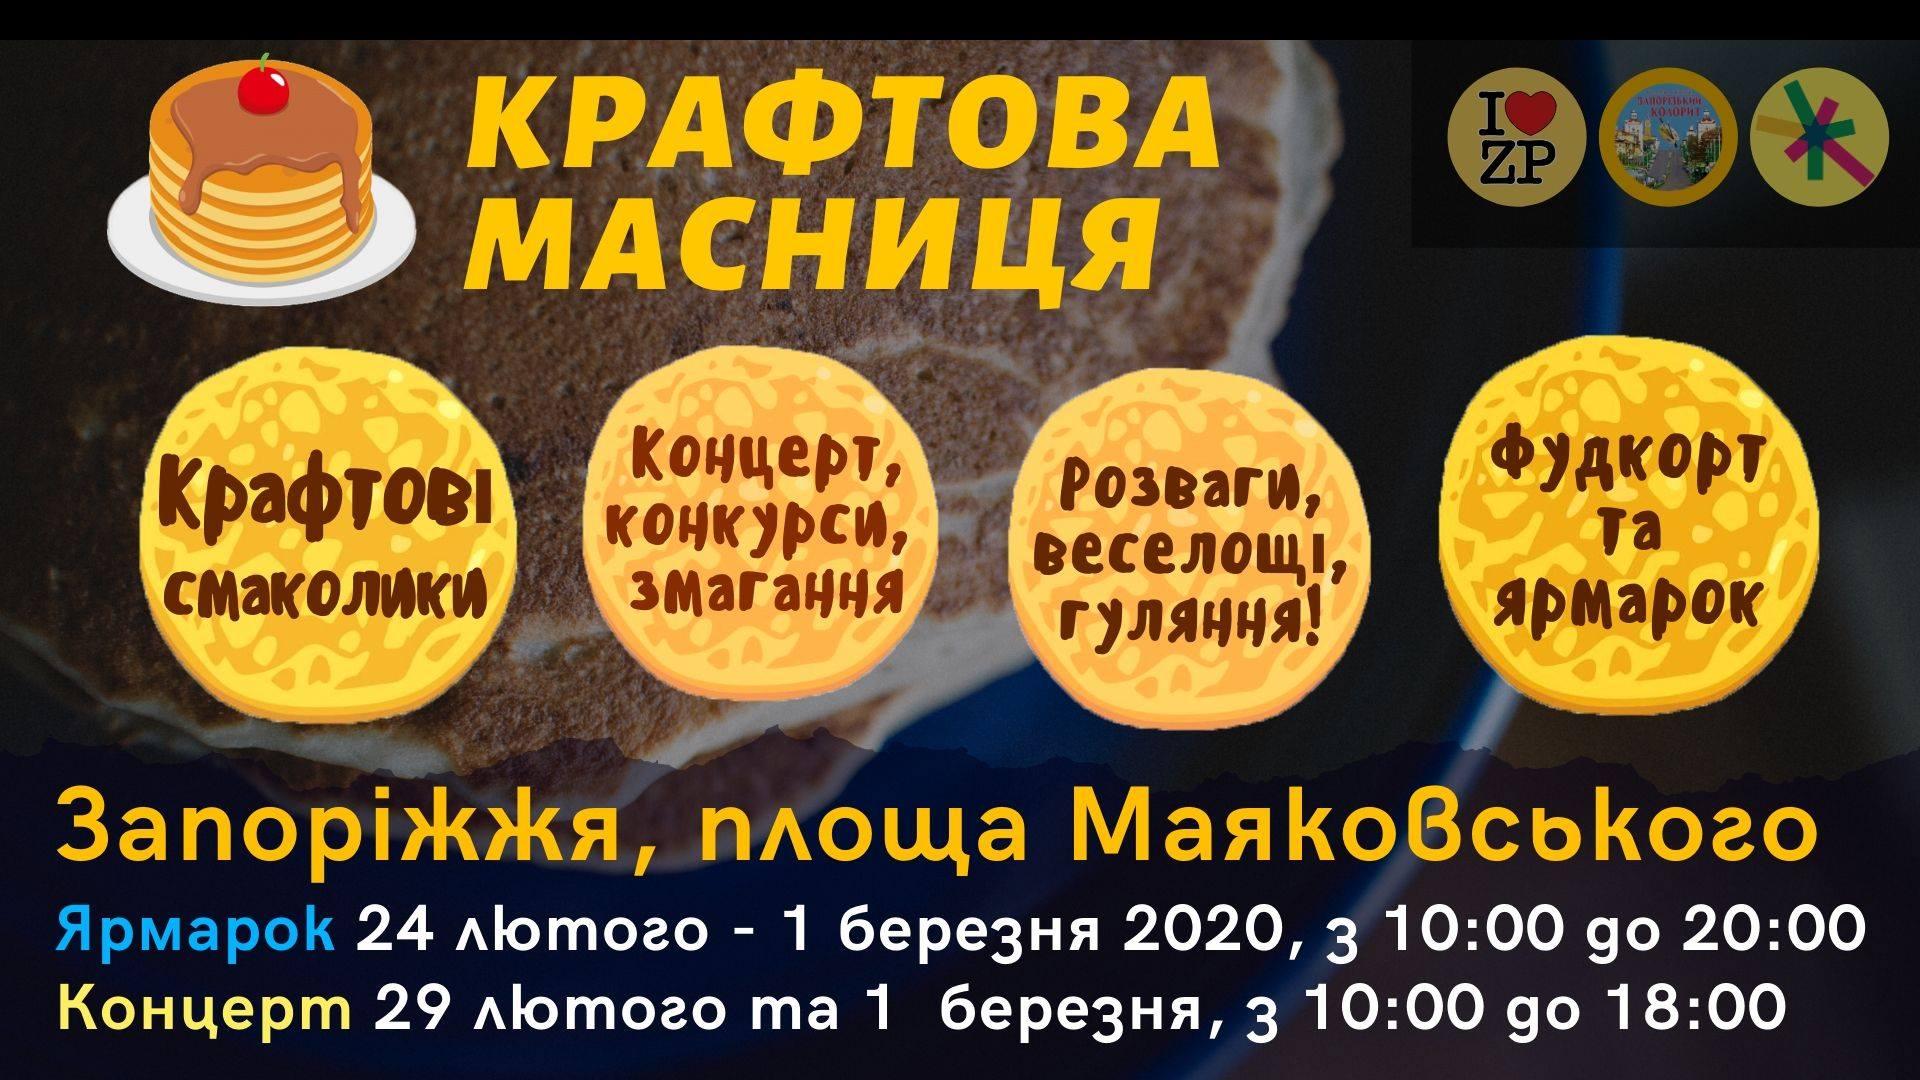 Ілюстрація фейсбук Крафтова Масниця